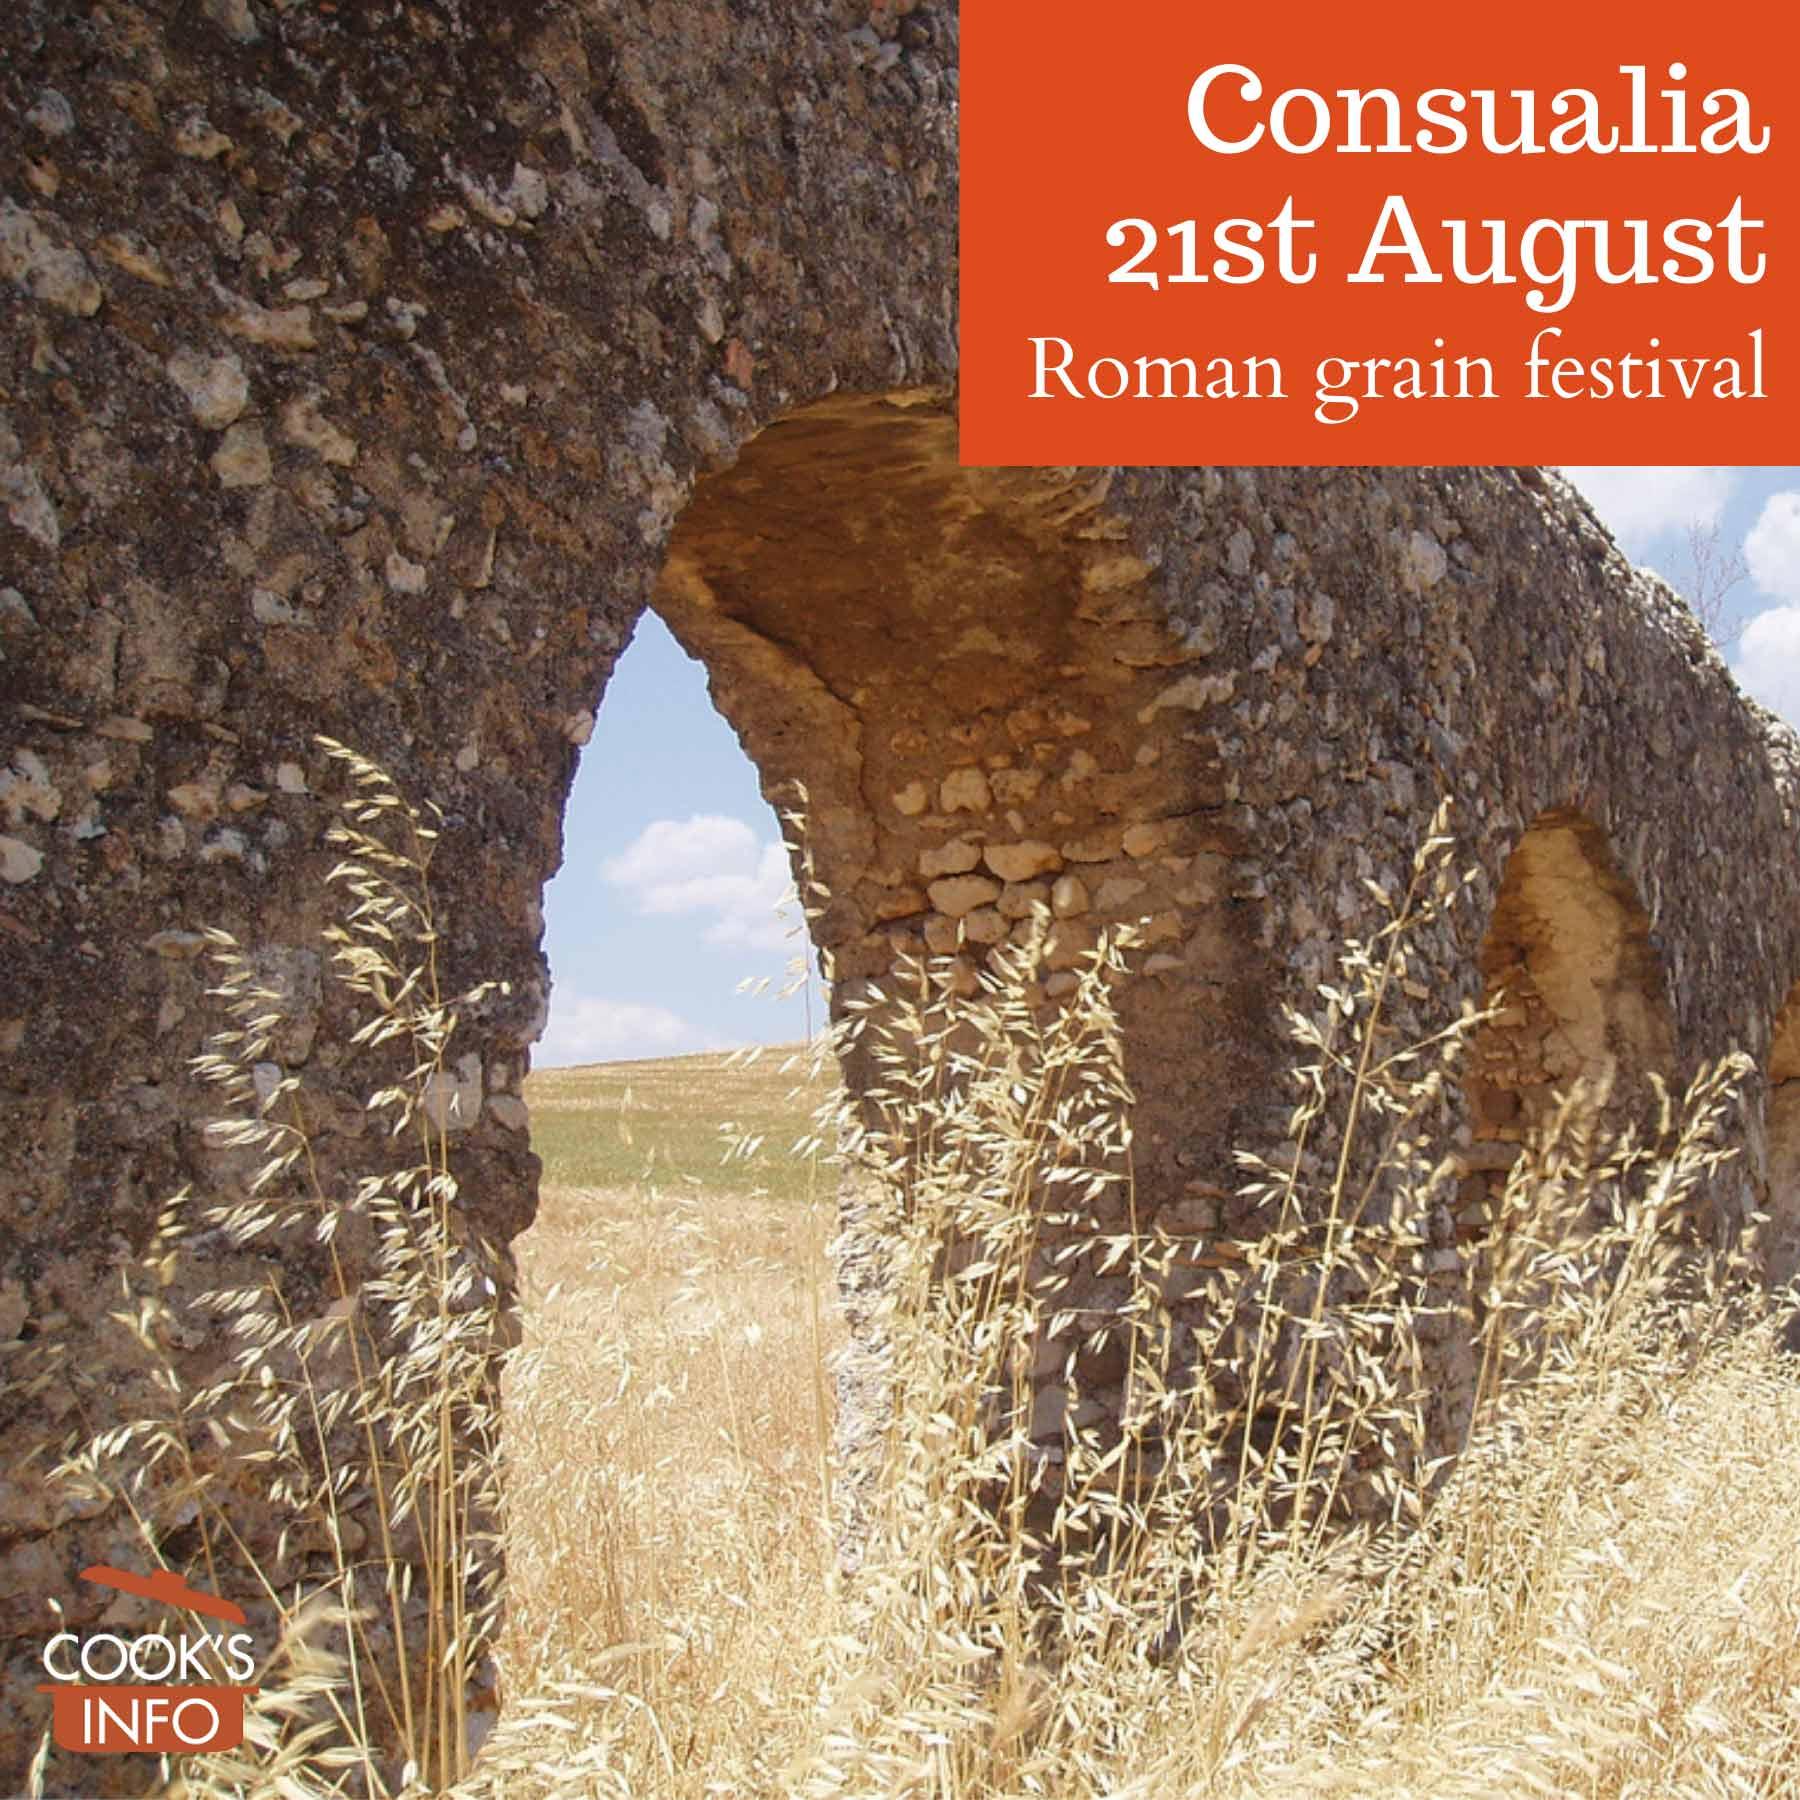 An ancient Roman aqueduct in a grain field near Rome